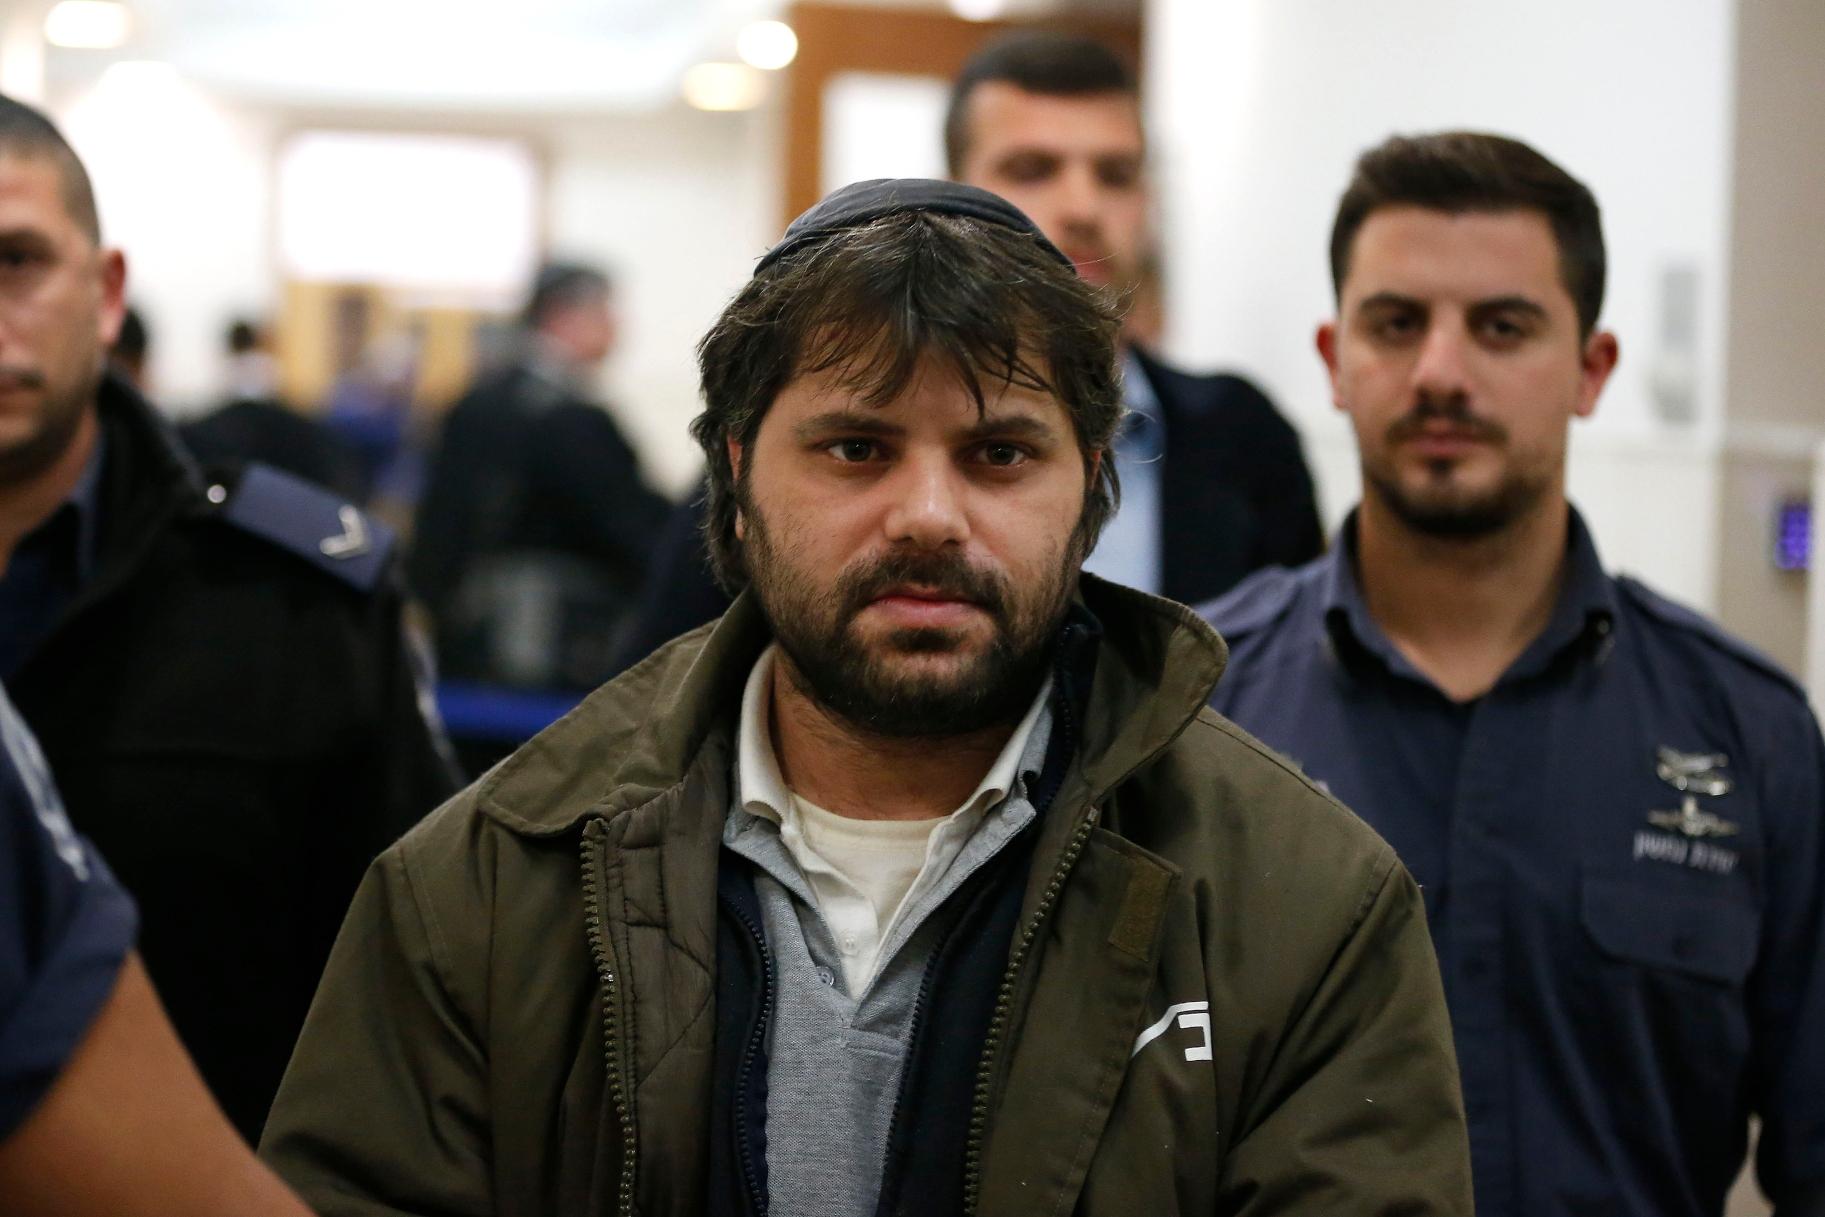 Mohammed Abu Khdeirs død udløste en voldelig konflikt - Blev hans mordere fanget?